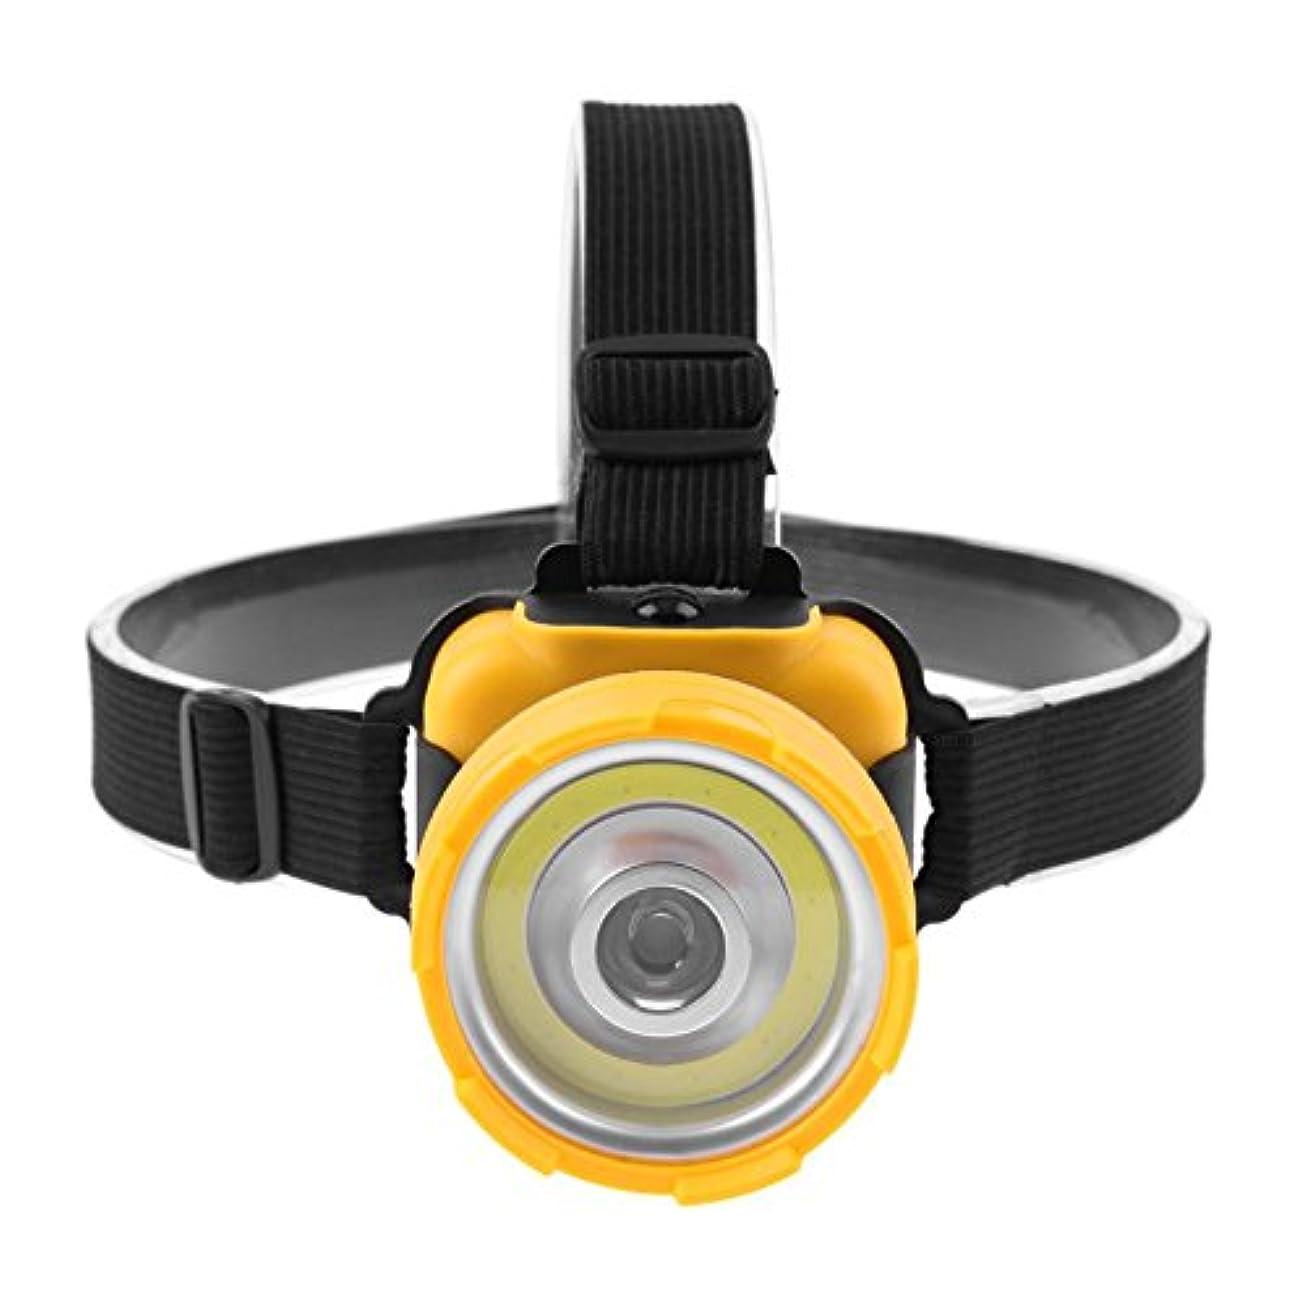 接触いまテスピアンRuncircle ライトヘッド ランプ キャンプ用 防水ヘッド 釣りヘッド マウントマイナーランプ 屋外 長距離サーチライト ハイキング (電池含まず)